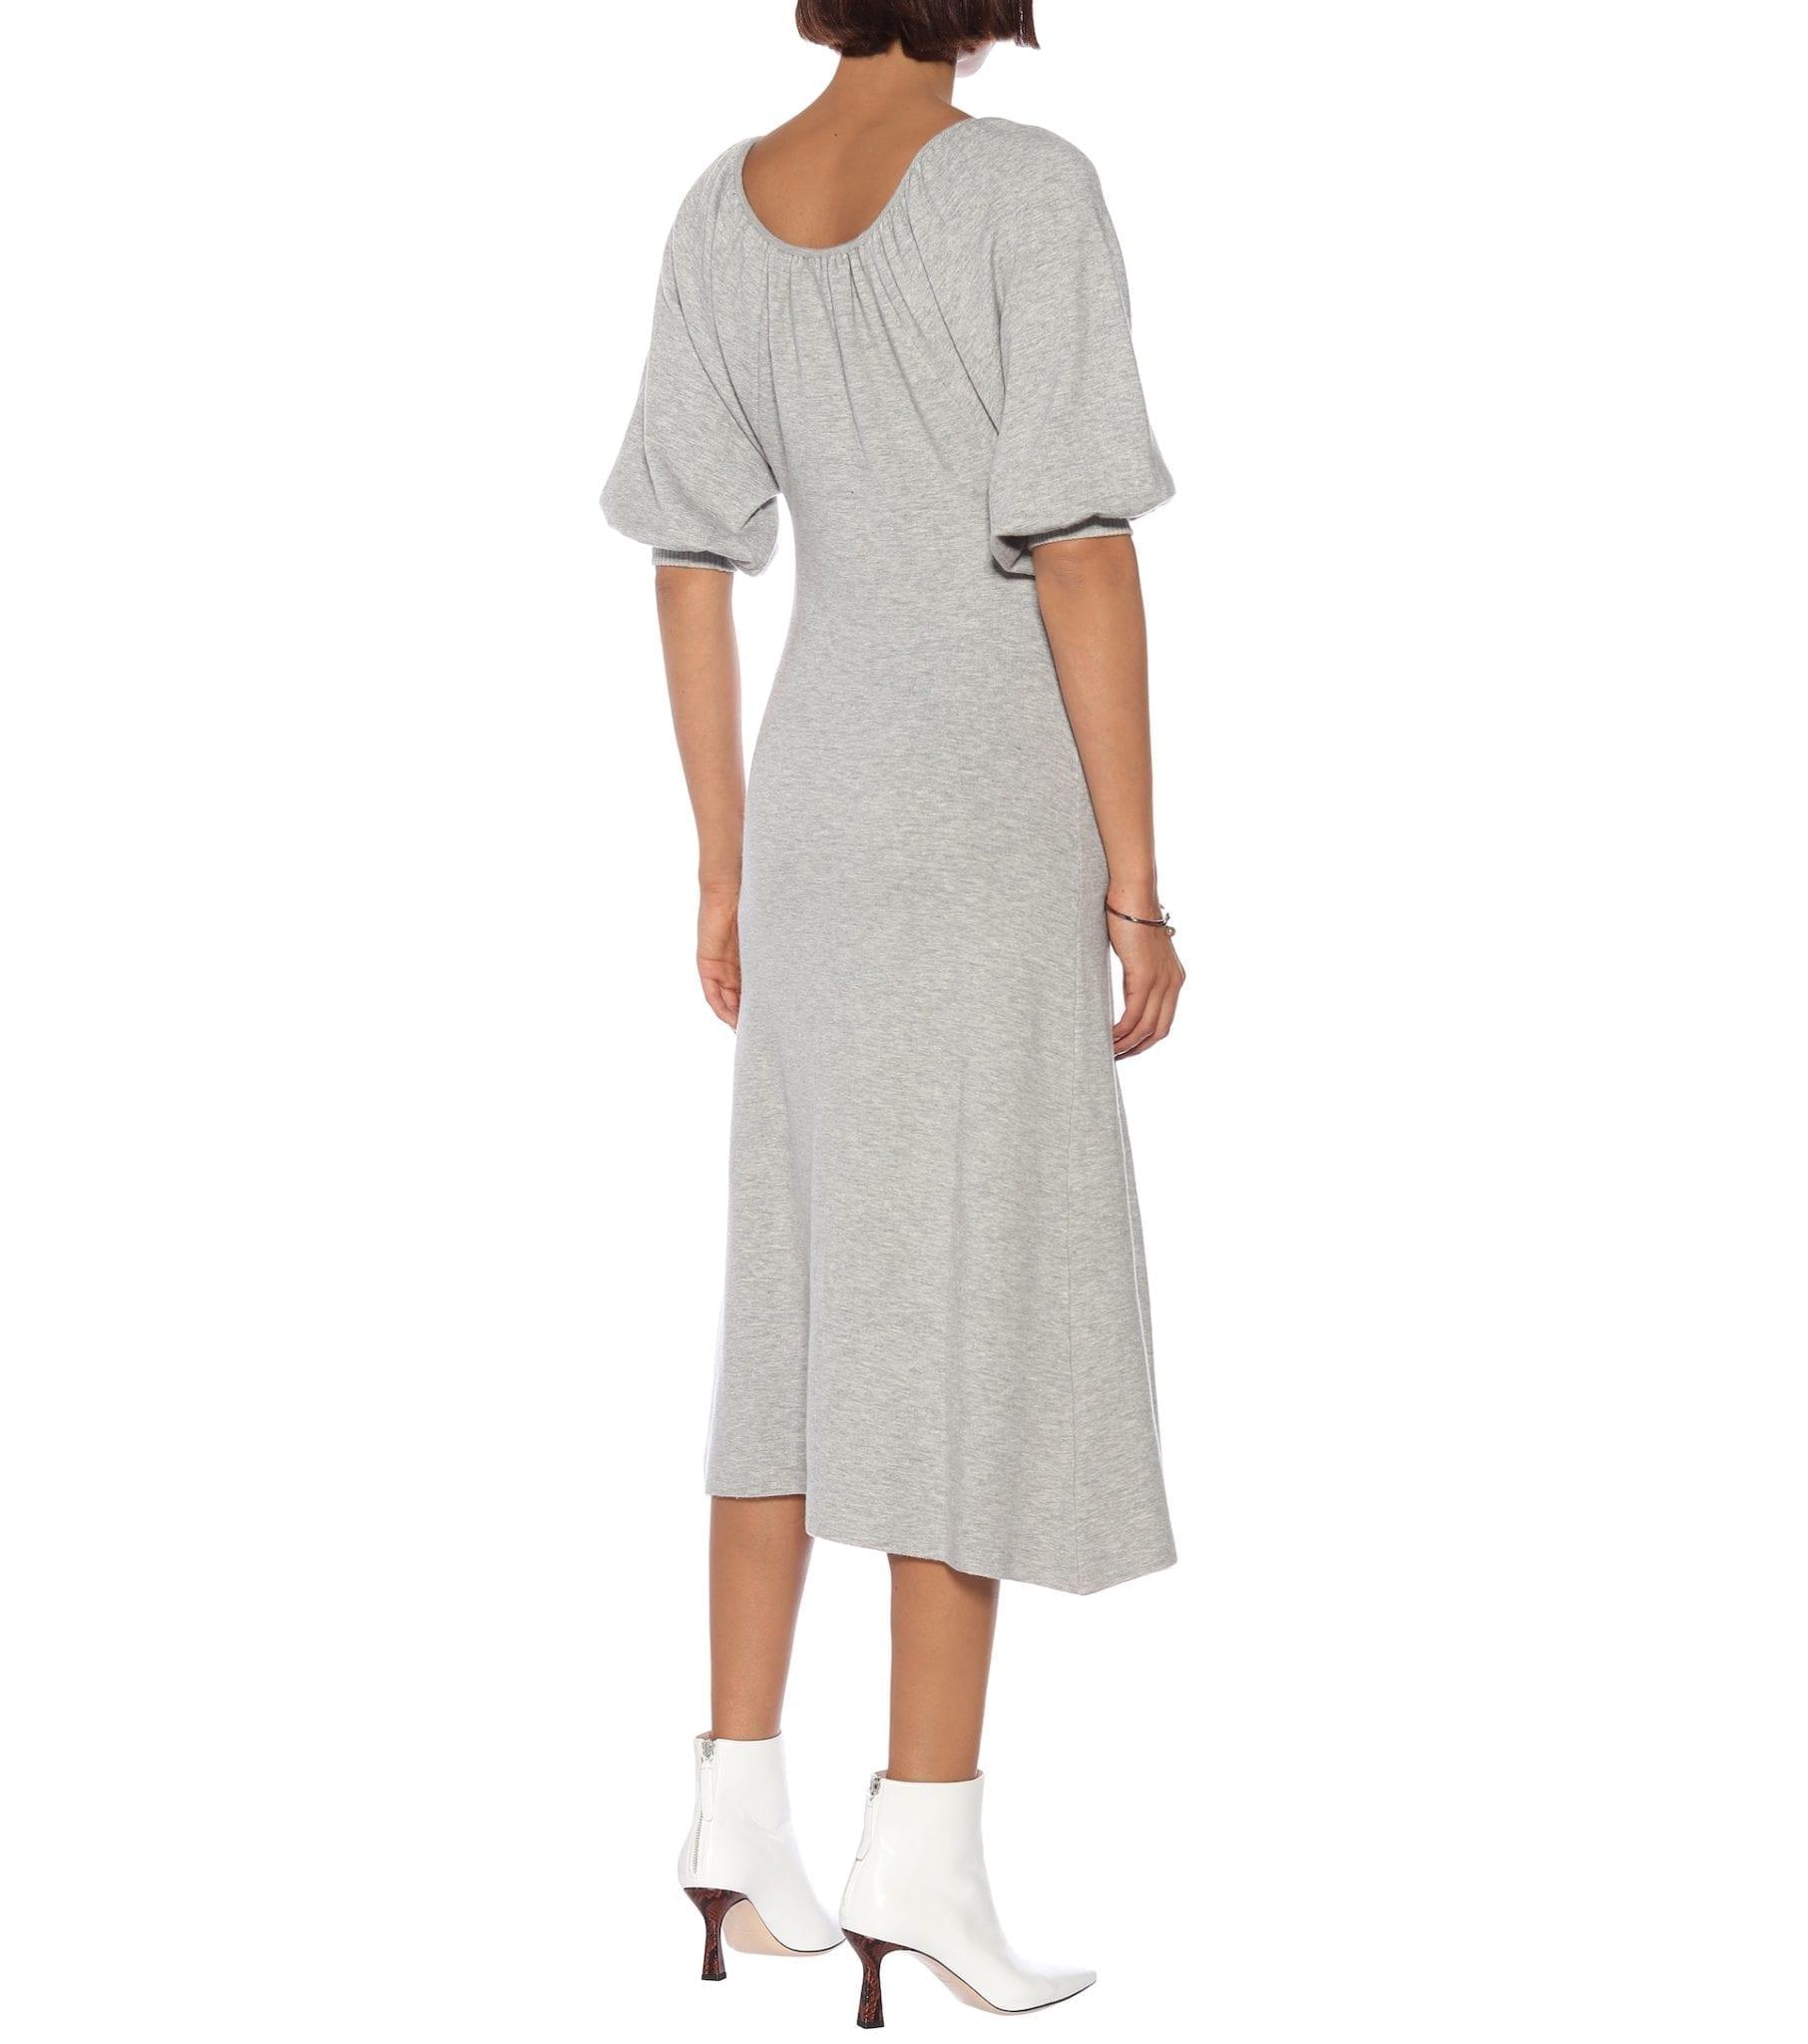 RYAN ROCHE Cashmere Midi Dress